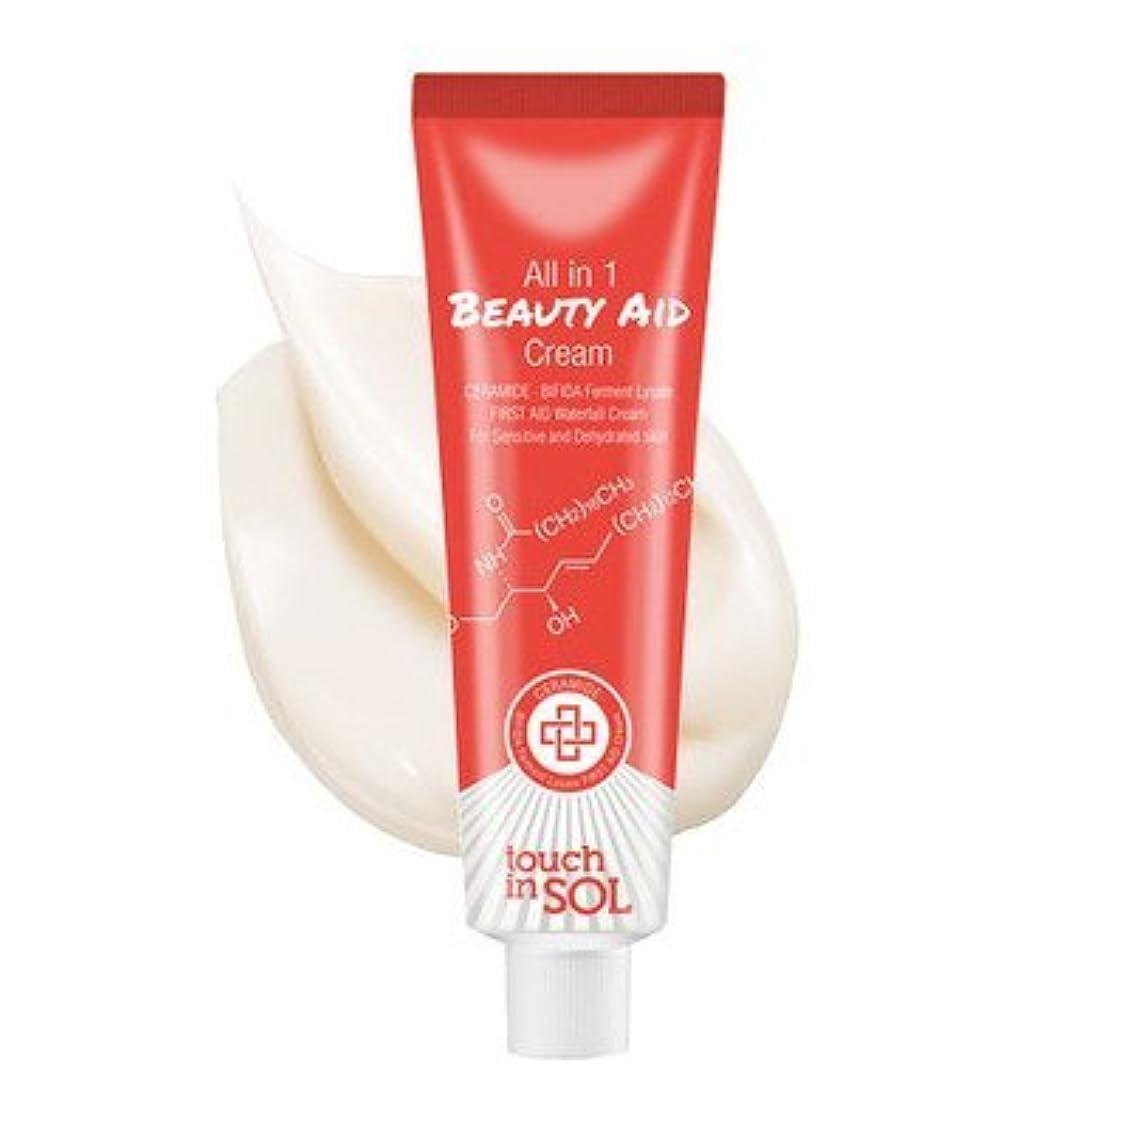 化石マオリ時計回りTOUCH IN SOL((タッチ イン ソル)オールインワンビューティーエードクリーム/(TOUCH IN SOL)beauty aid cream [並行輸入品]